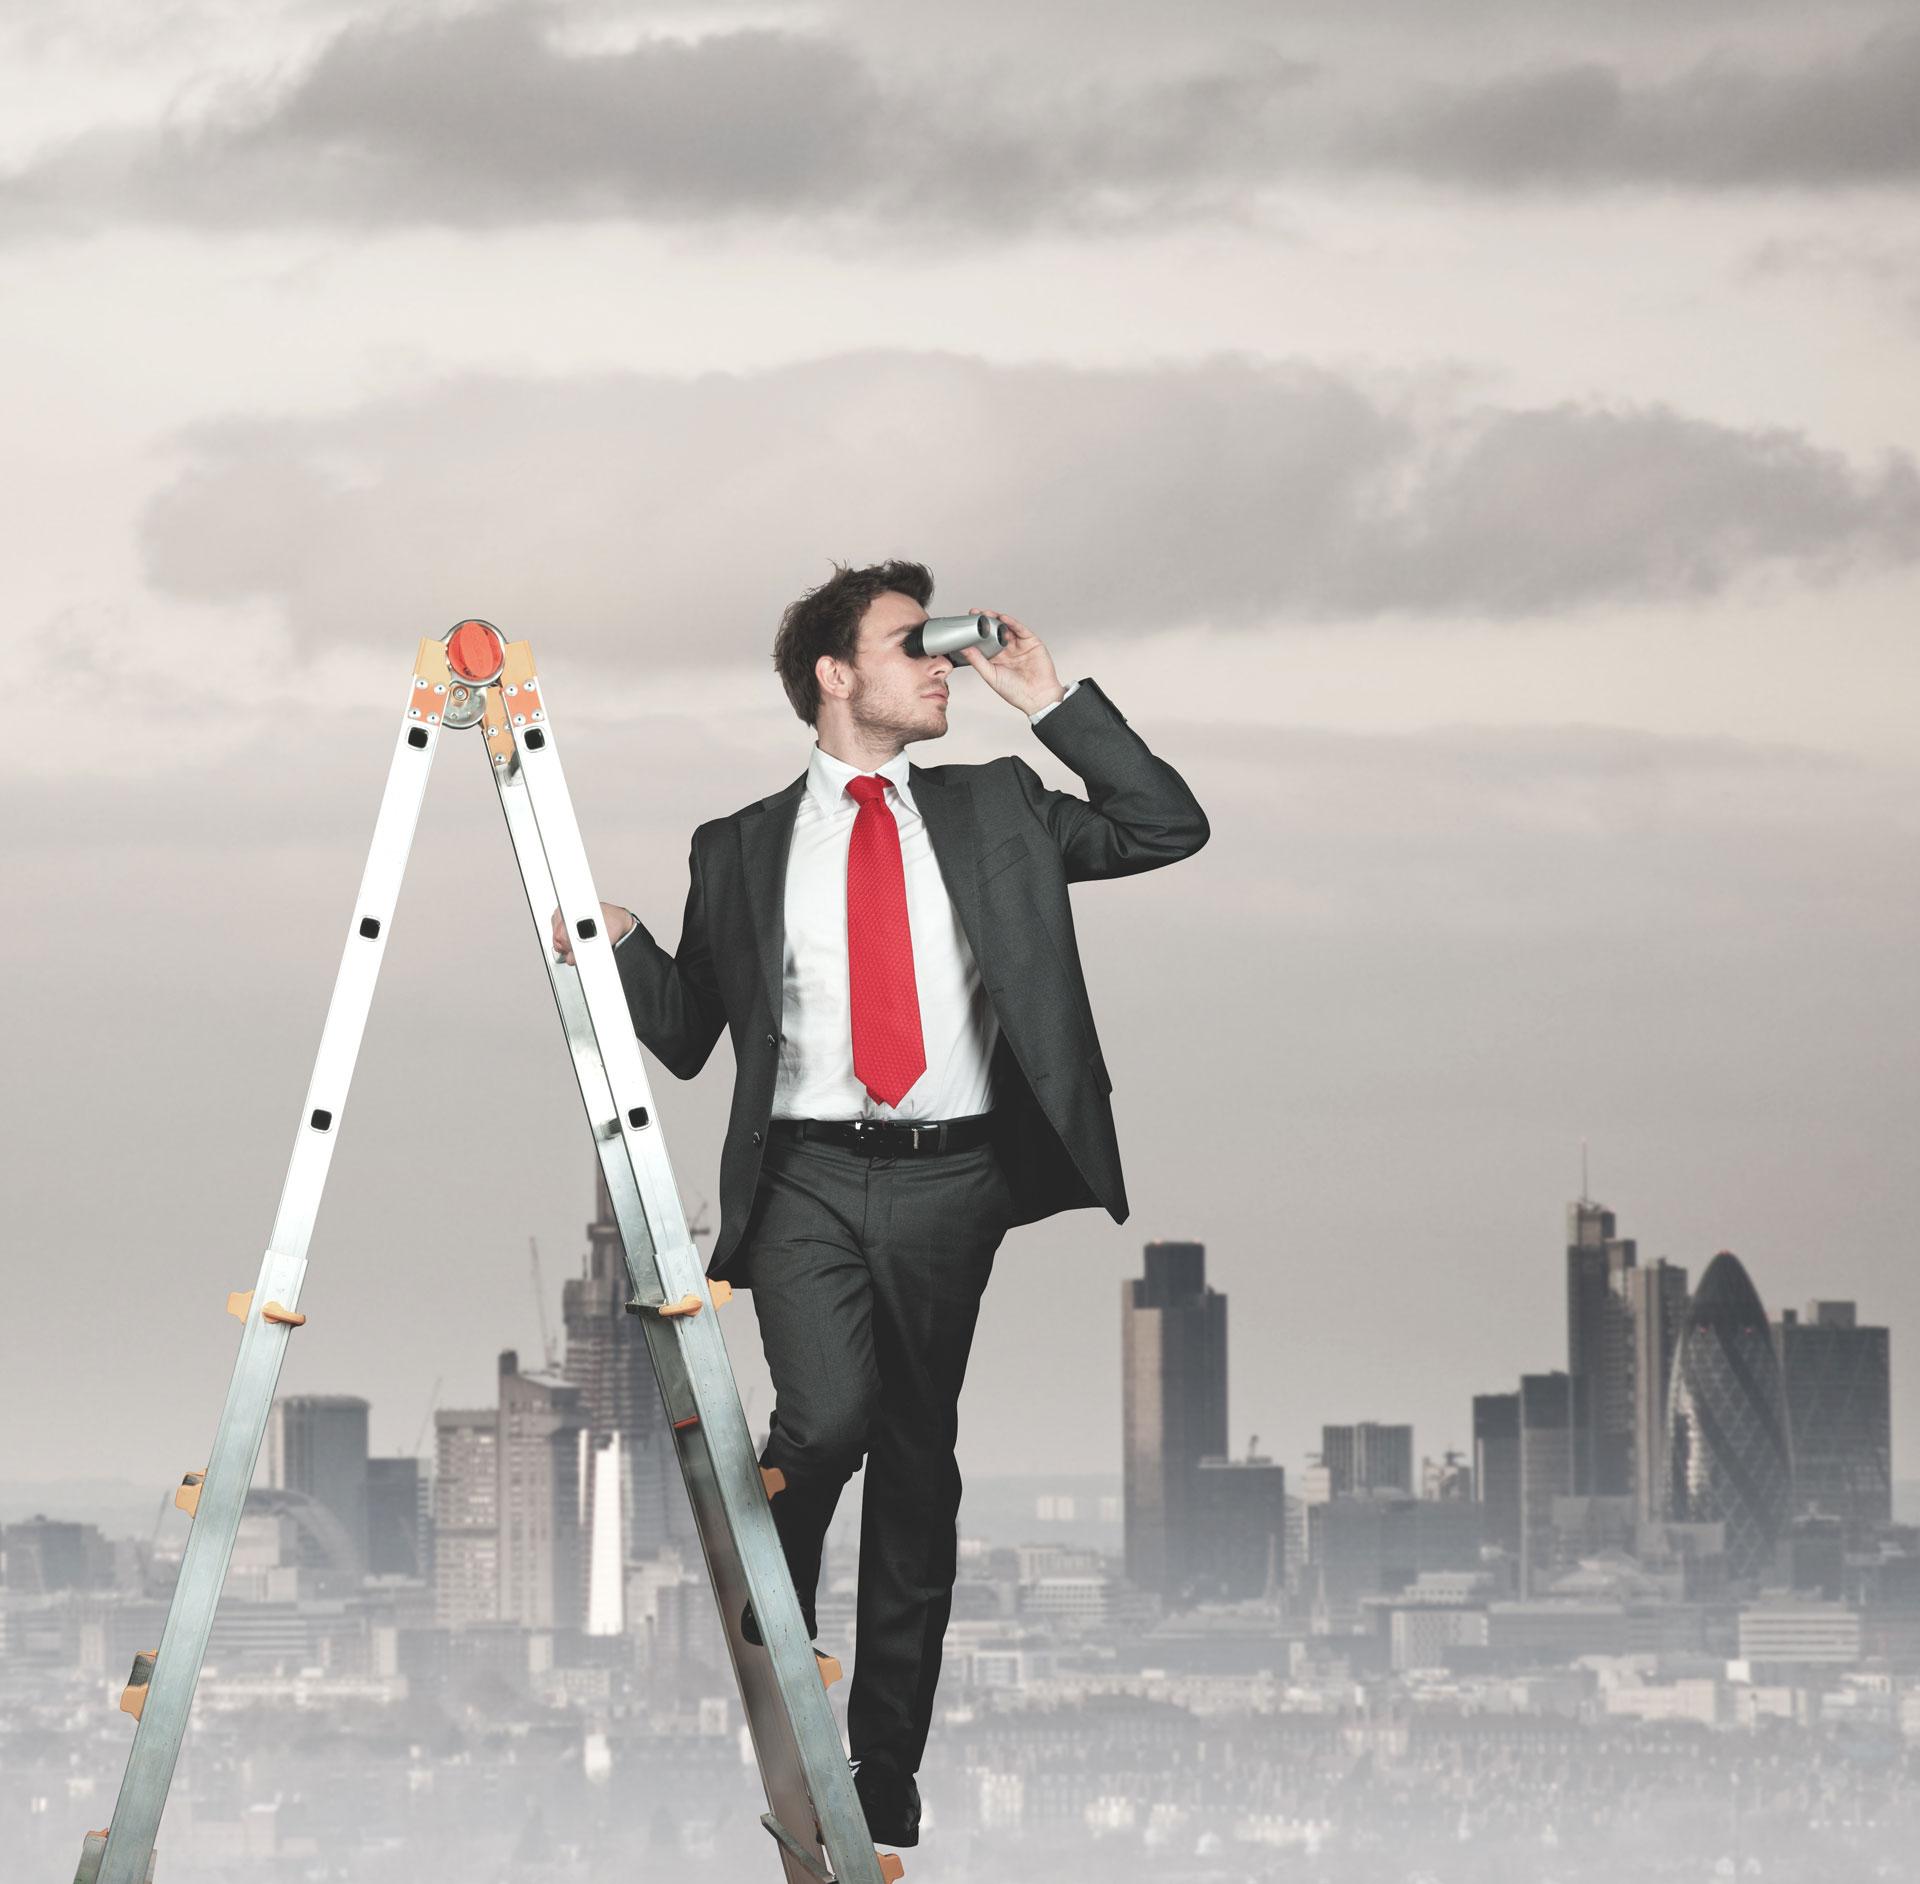 Errores comunes a la hora de buscar empleo